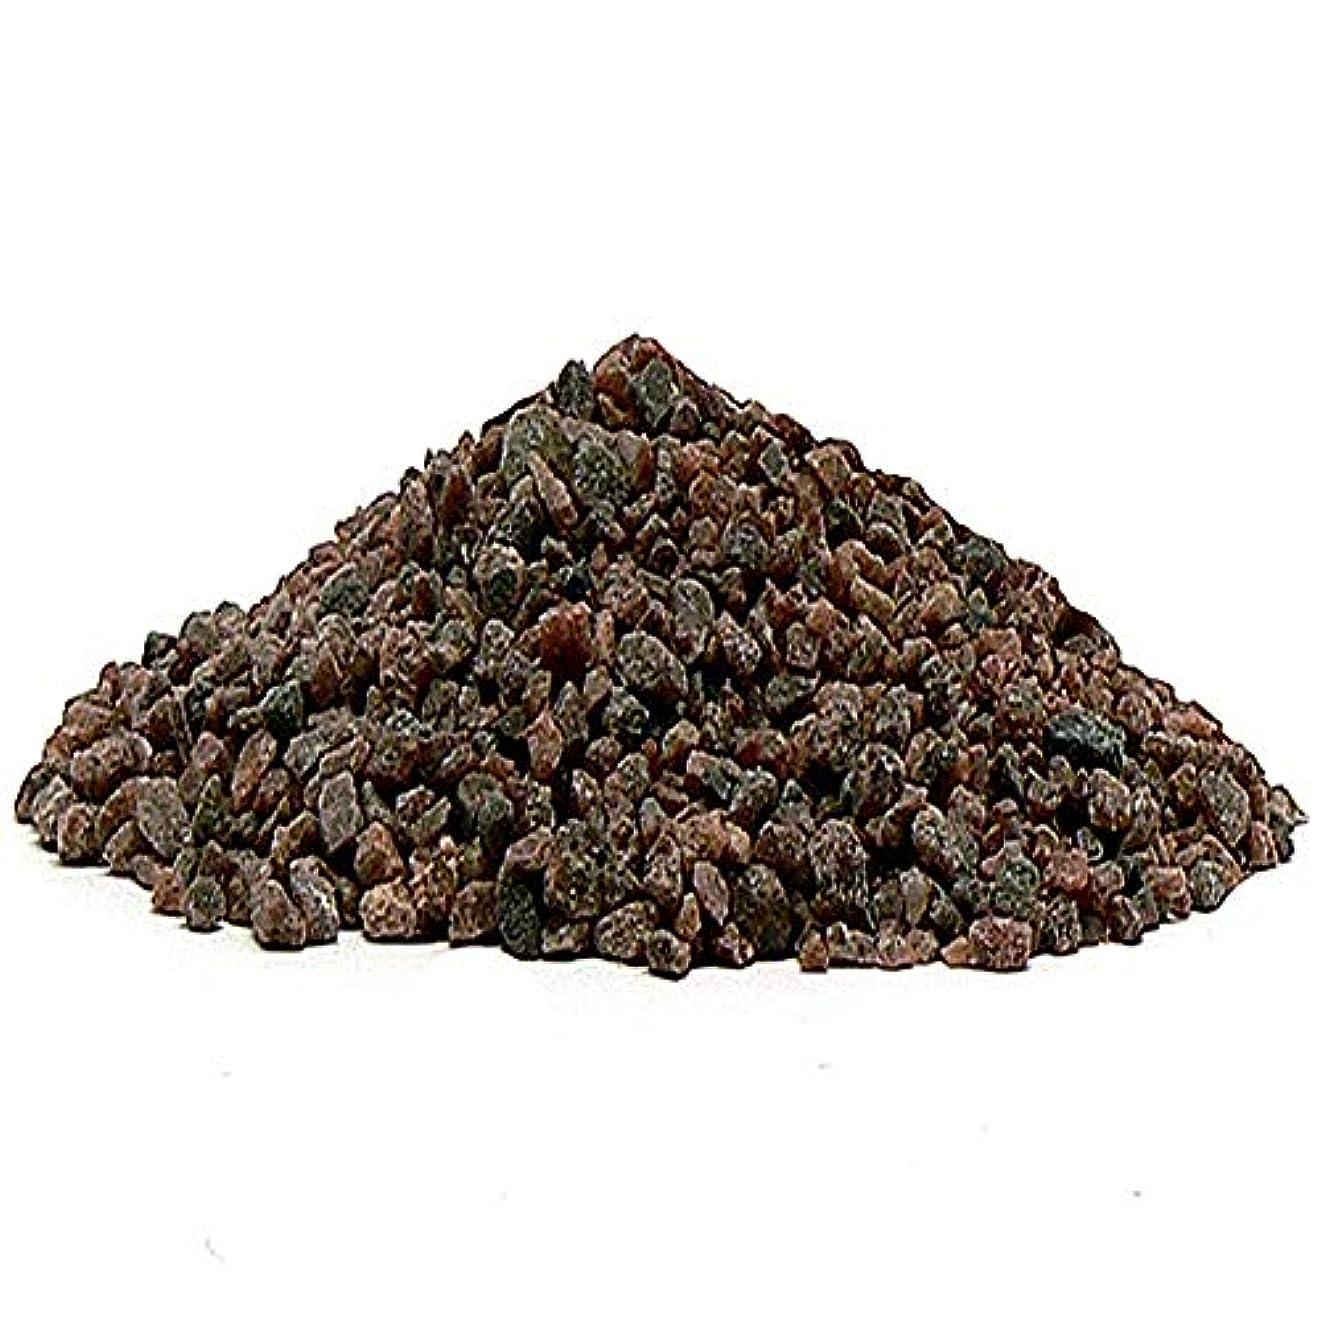 真鍮推進、動かすトレイ増量中! ヒマラヤ岩塩 ブラックソルト 入浴用 バスソルト(小粒) 黒岩塩 (2kg+300g増量)